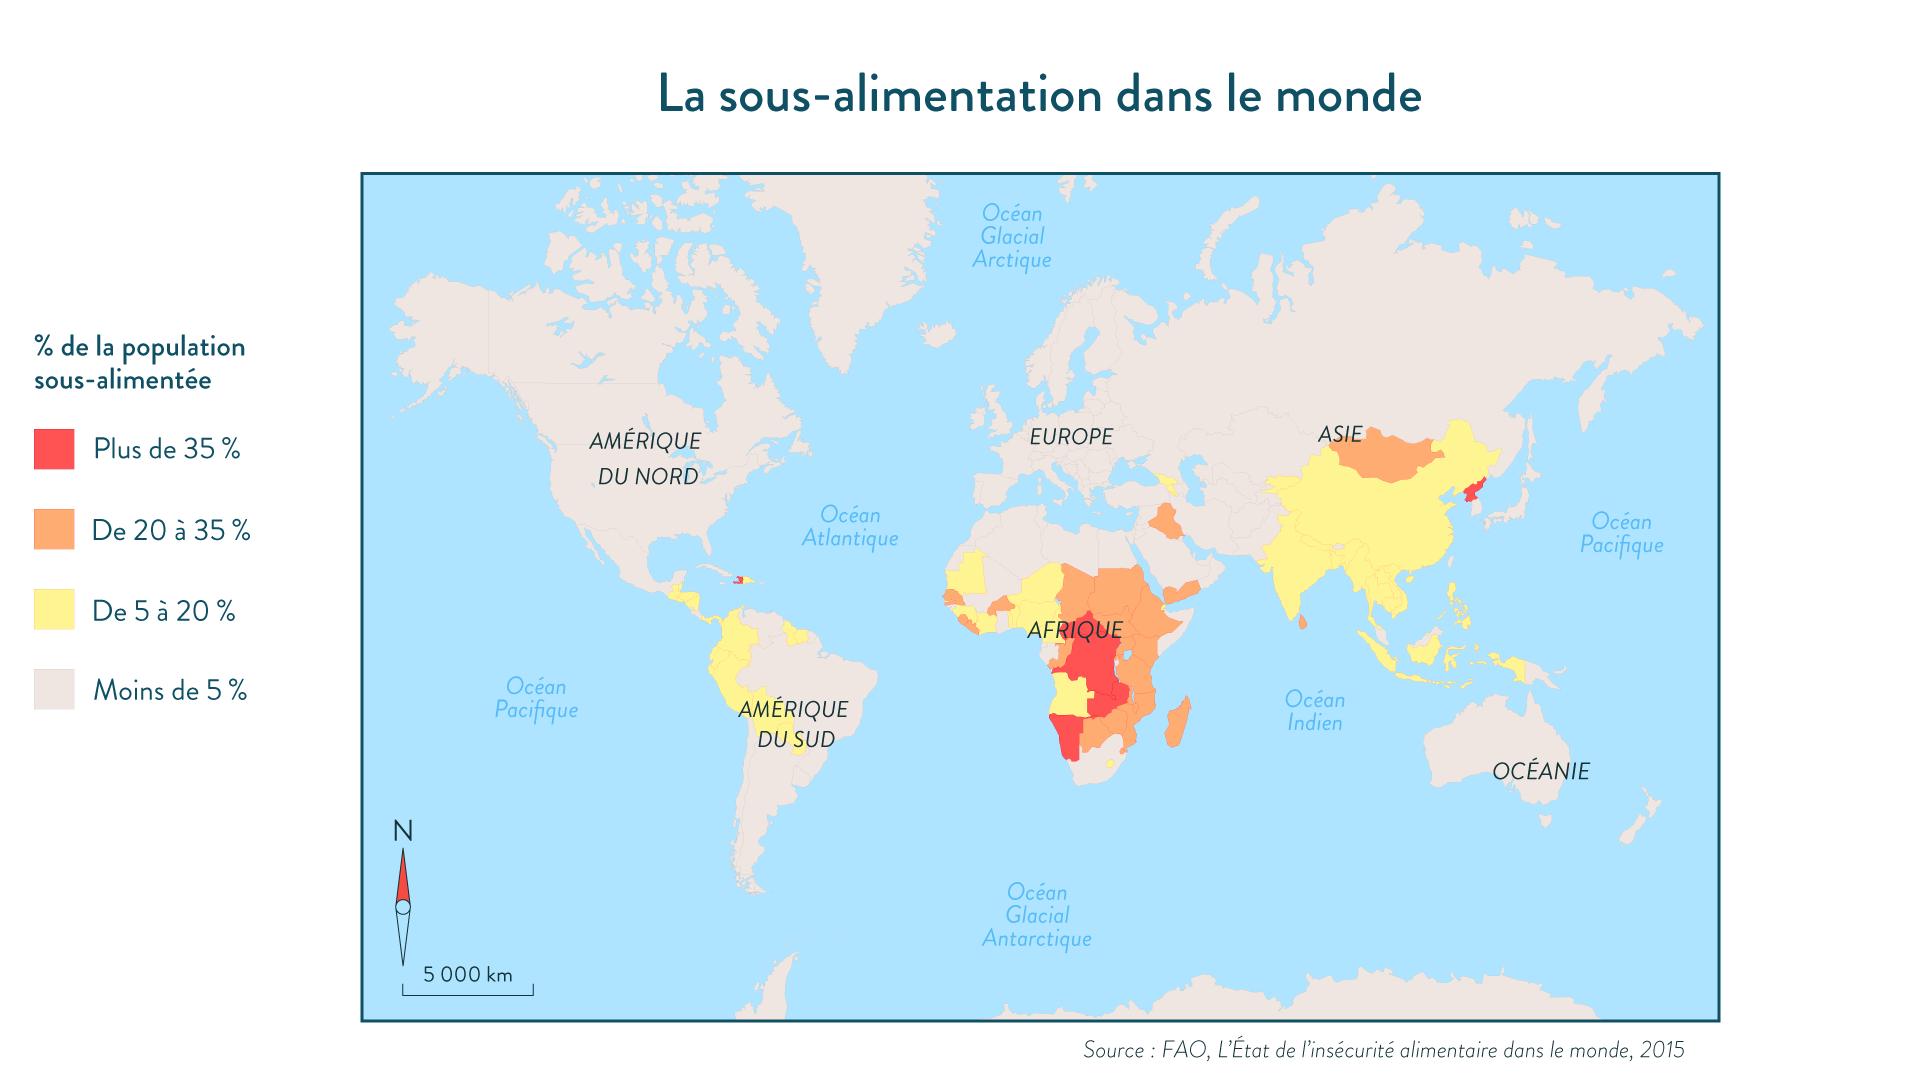 La sous-alimentation dans le monde géographie cinquième